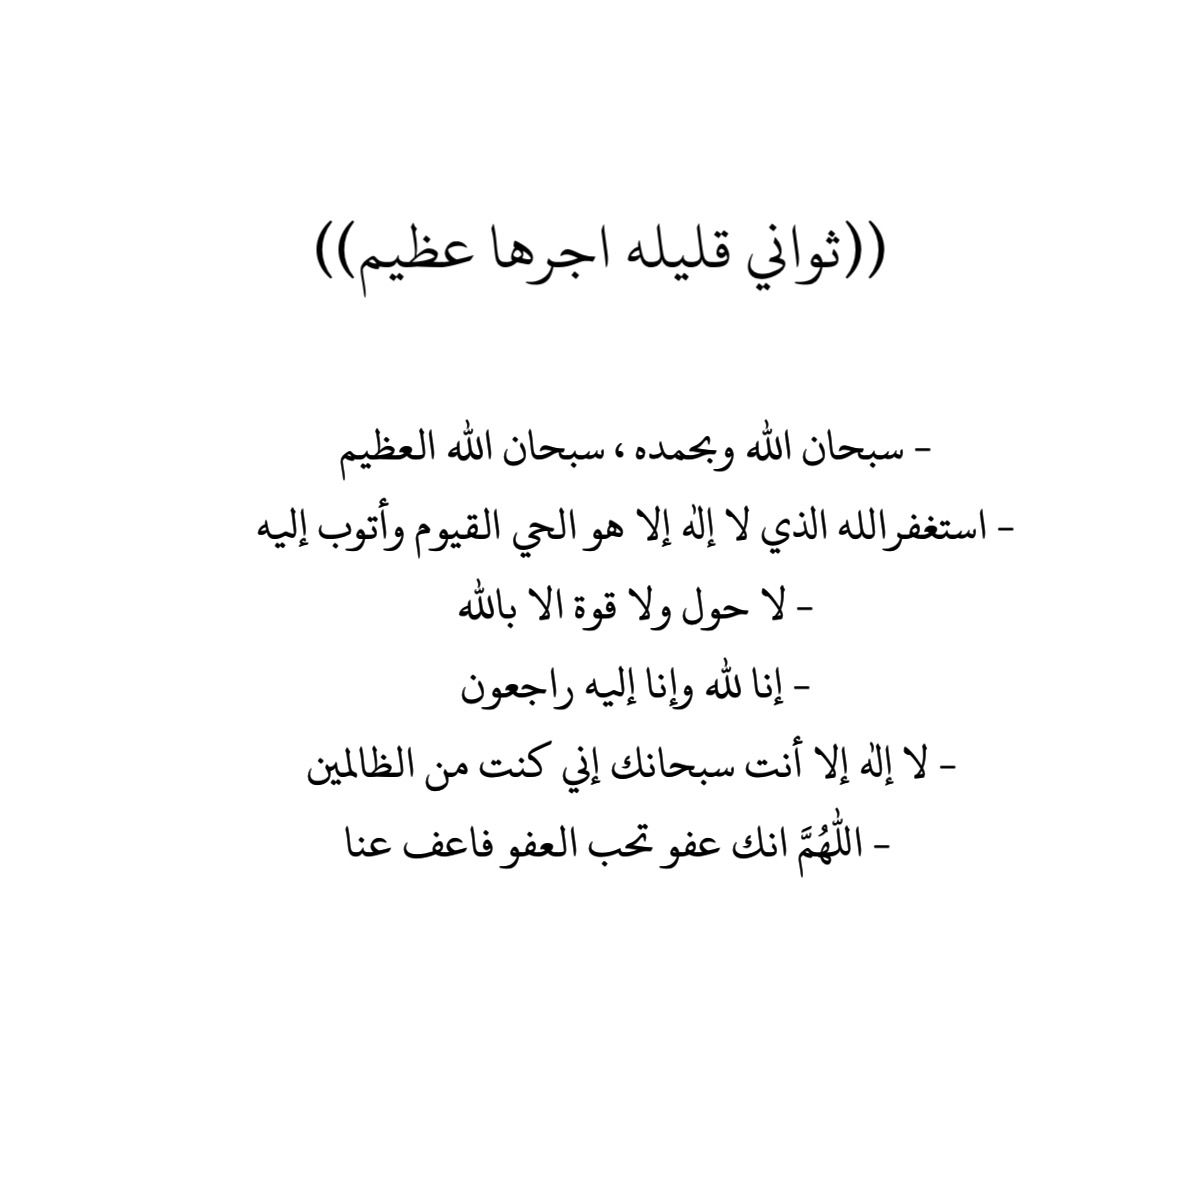 صدقة جارية عن المؤمنين والمؤمنات الاحياء منهم والأموات Holy Quran Quran Math